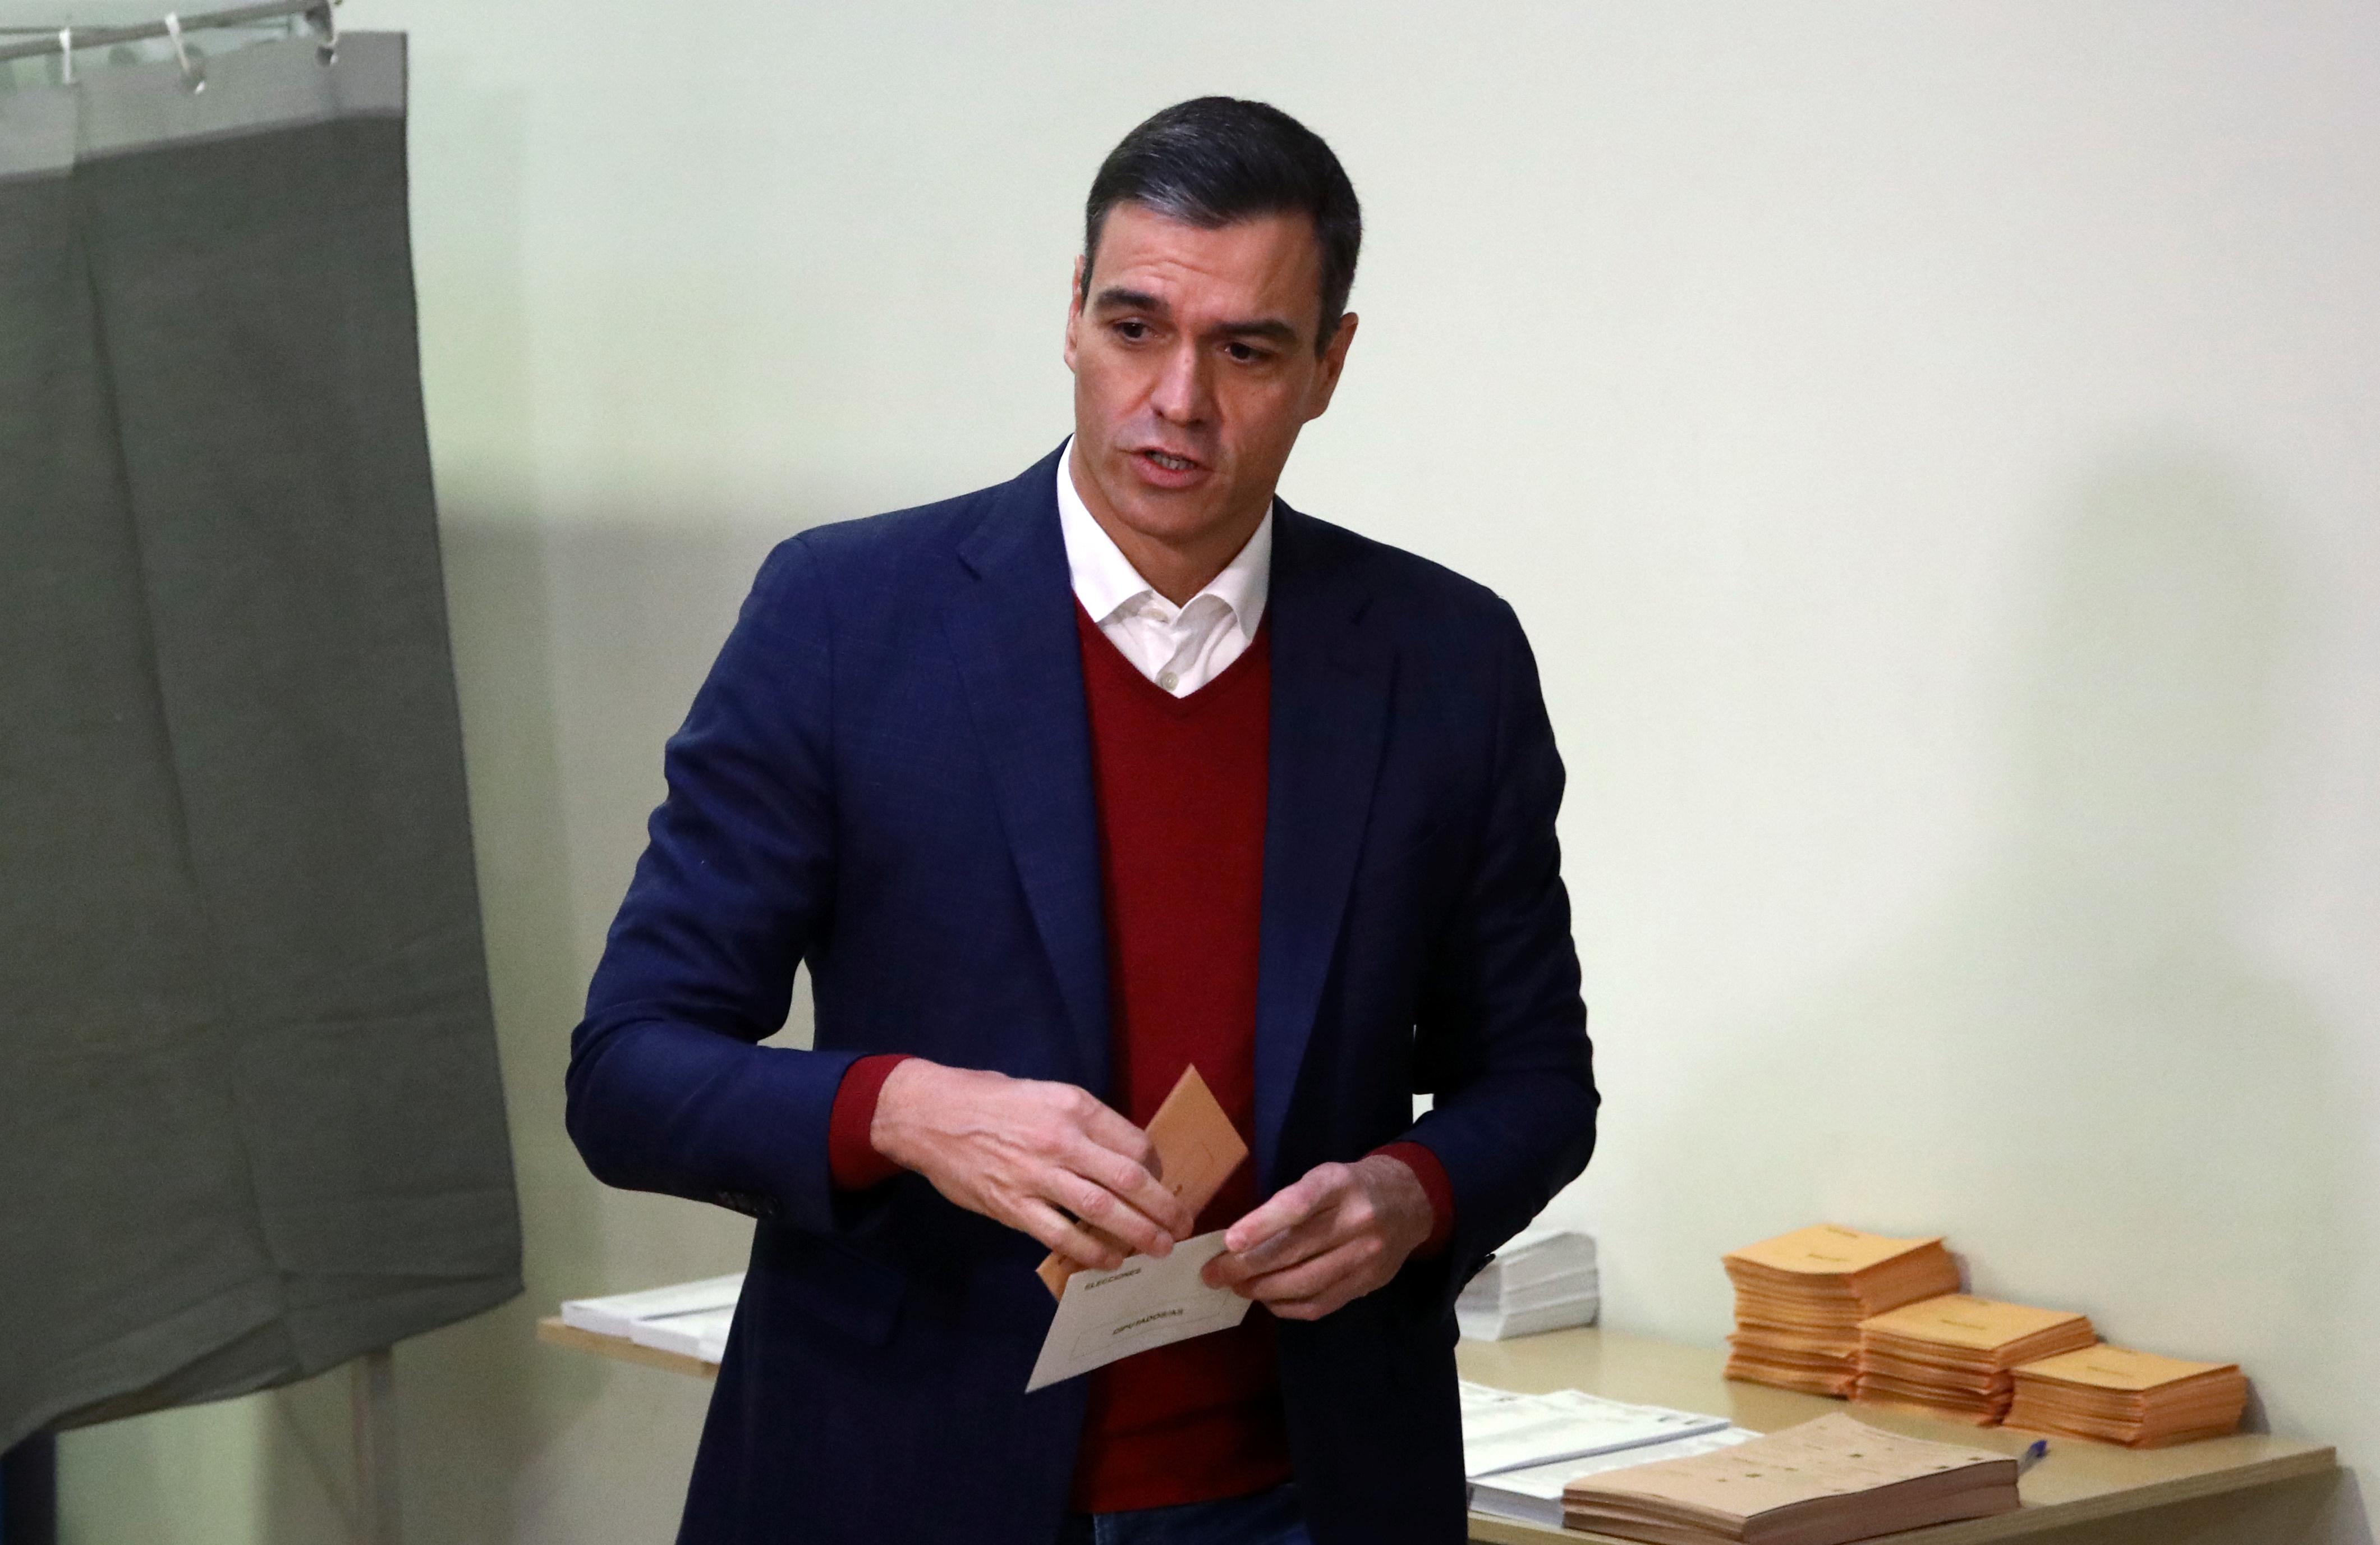 Ισπανία – Εκλογές: Δεν υπάρξει ξεκάθαρη πλειοψηφία – Ενισχύεται η ακροδεξιά